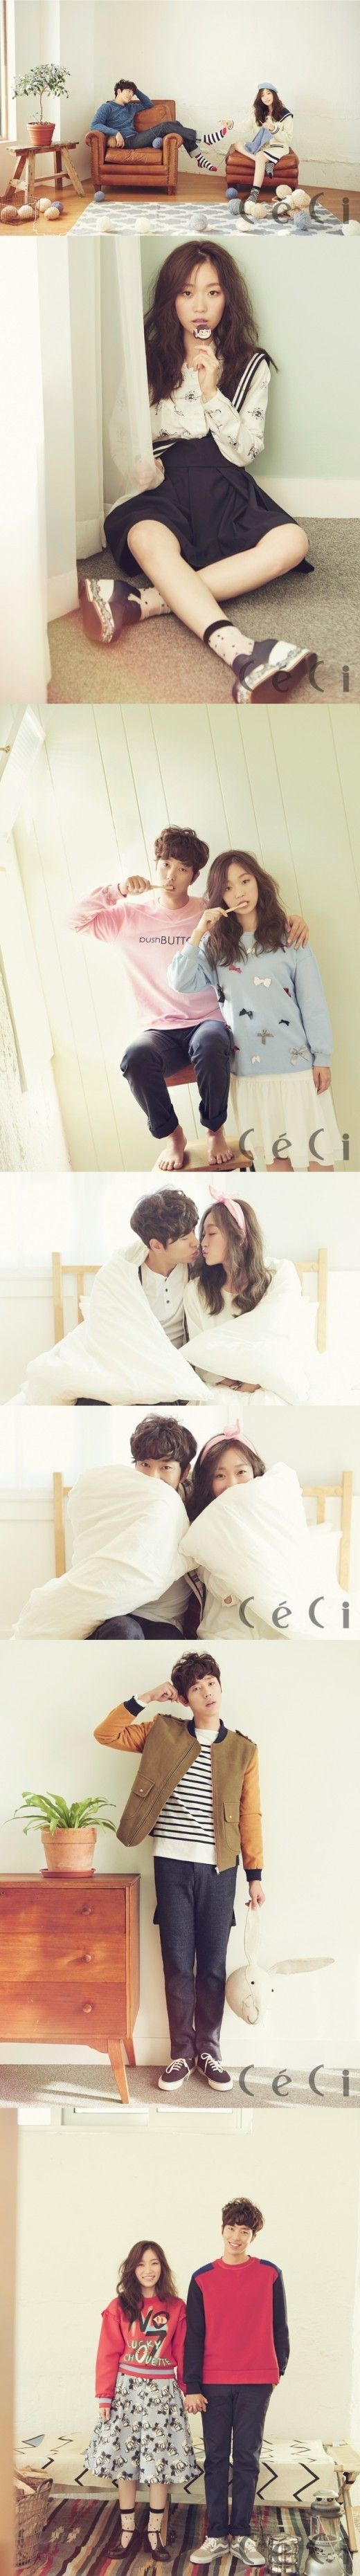 김슬기·윤현민, 커플 화보 사진…'케미 폭발' : 네이버 뉴스